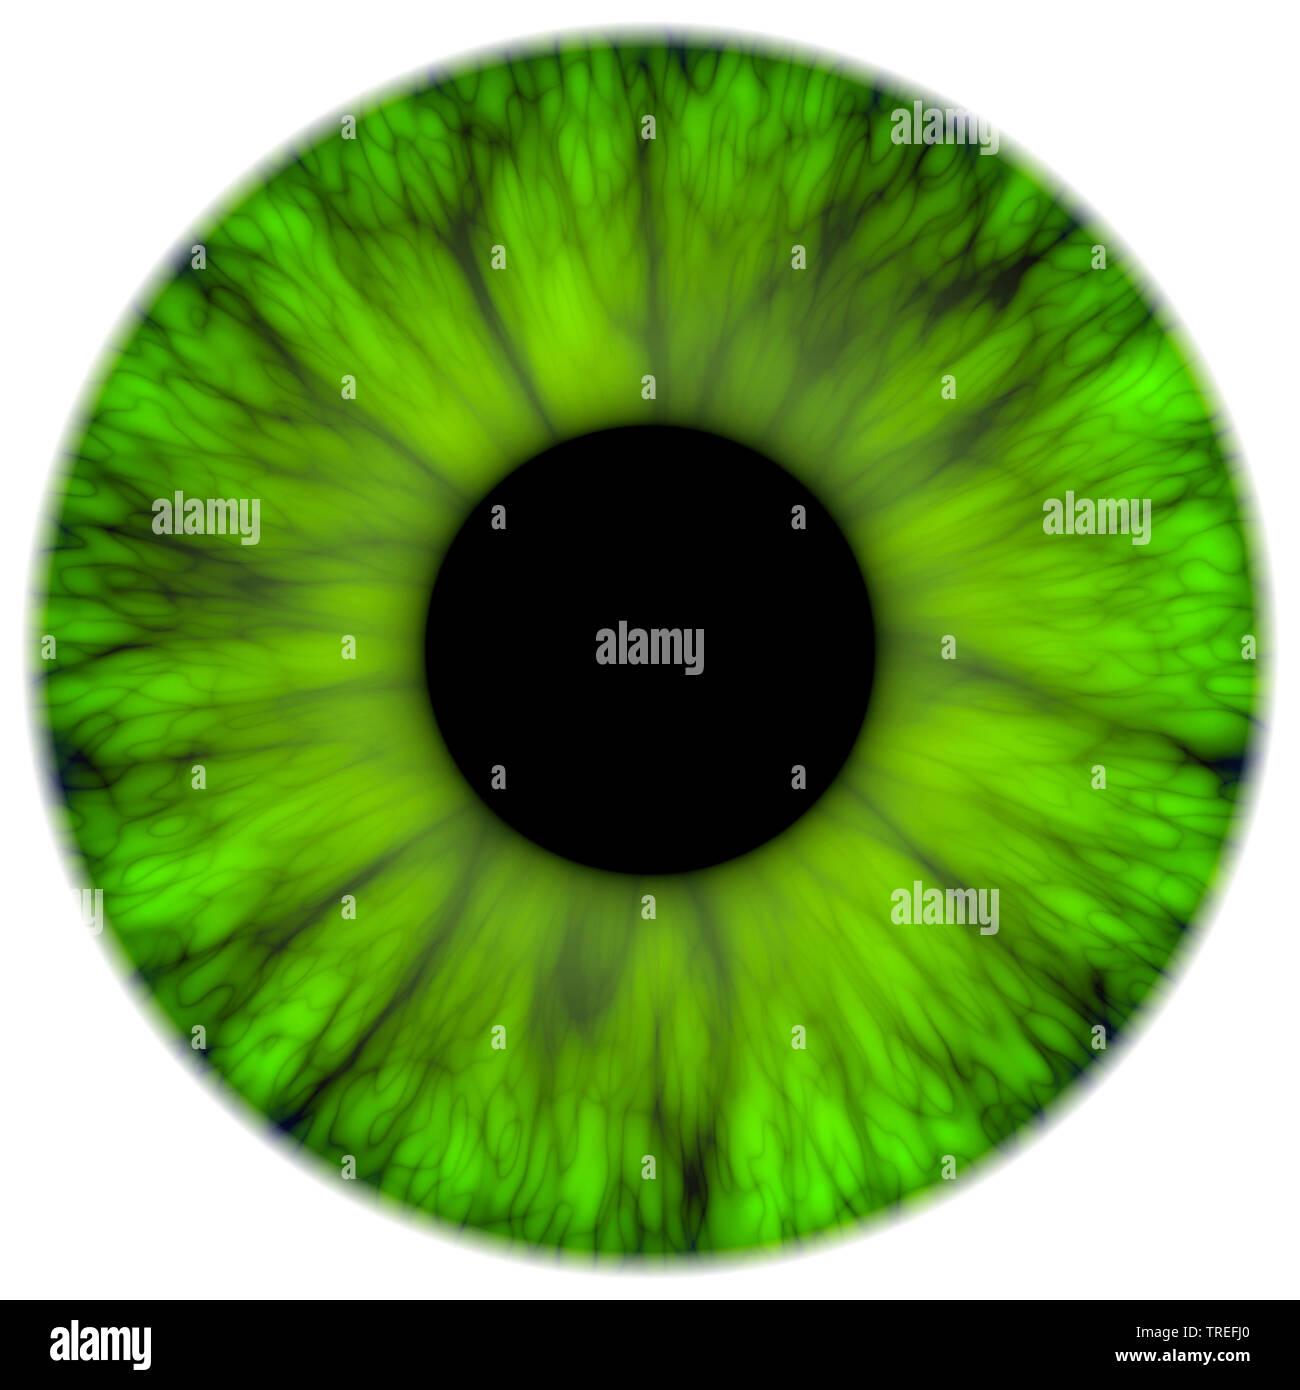 Computergrafik, gruene Iris vor weissem Hintergrund | Computer Graphics, grün Iris gegen weiße Hintergrund | BLWS 525383.jpg [(c) Blickwinkel/McPHOT Stockbild